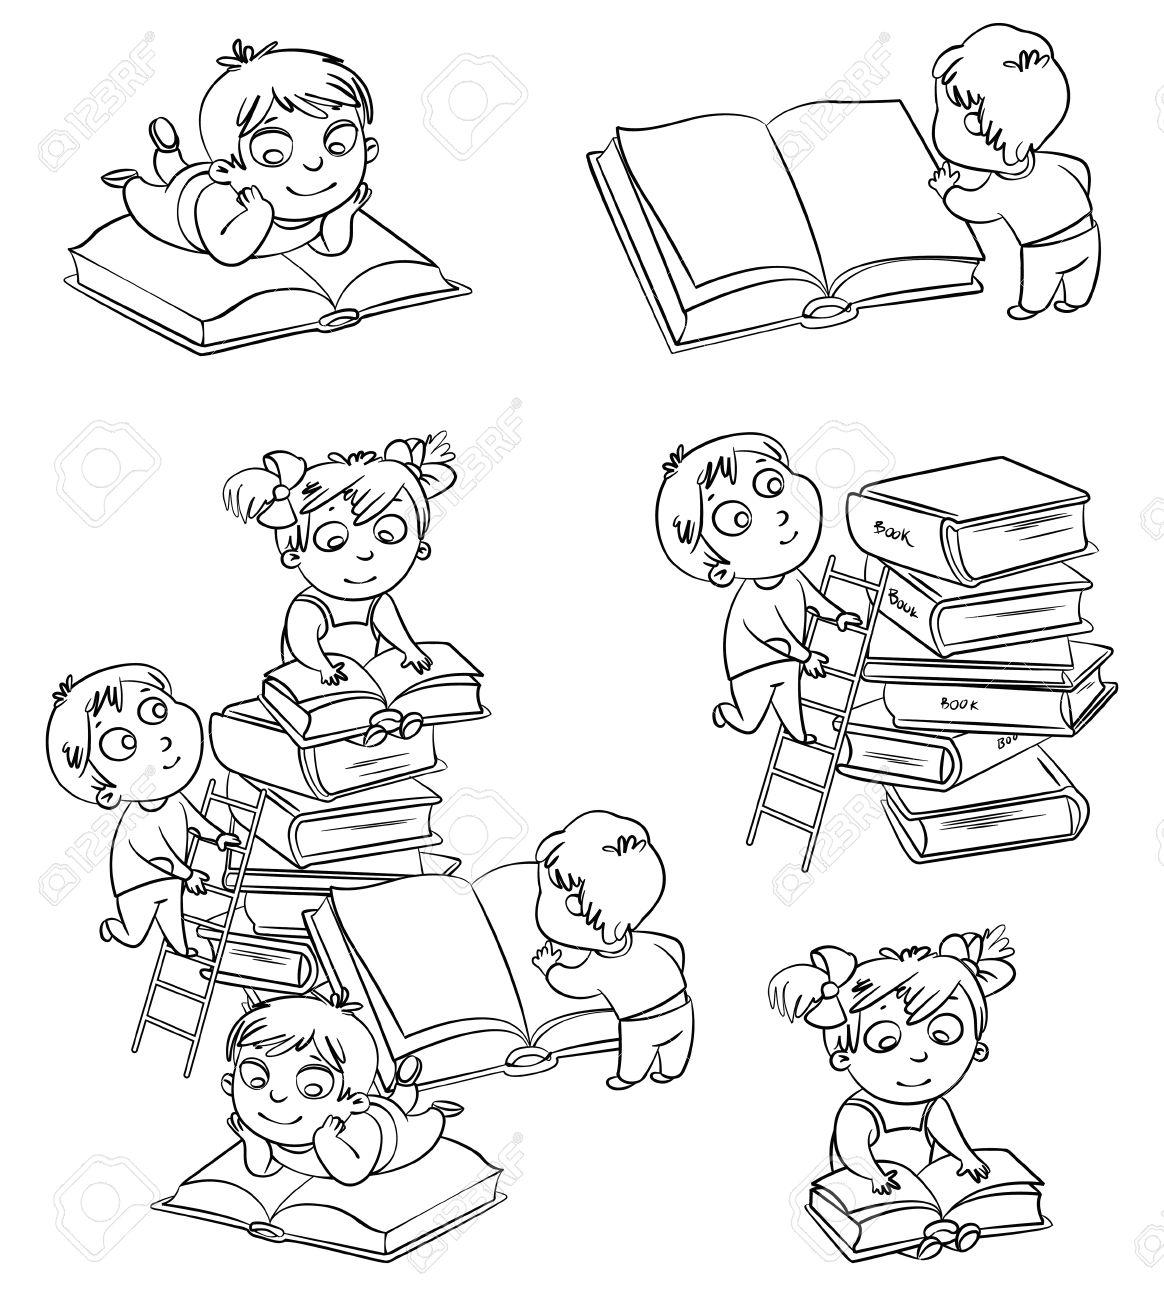 Los Niños La Lectura De Libros En La Biblioteca Libro Para Colorear Ilustración Del Vector Aislado En El Fondo Blanco